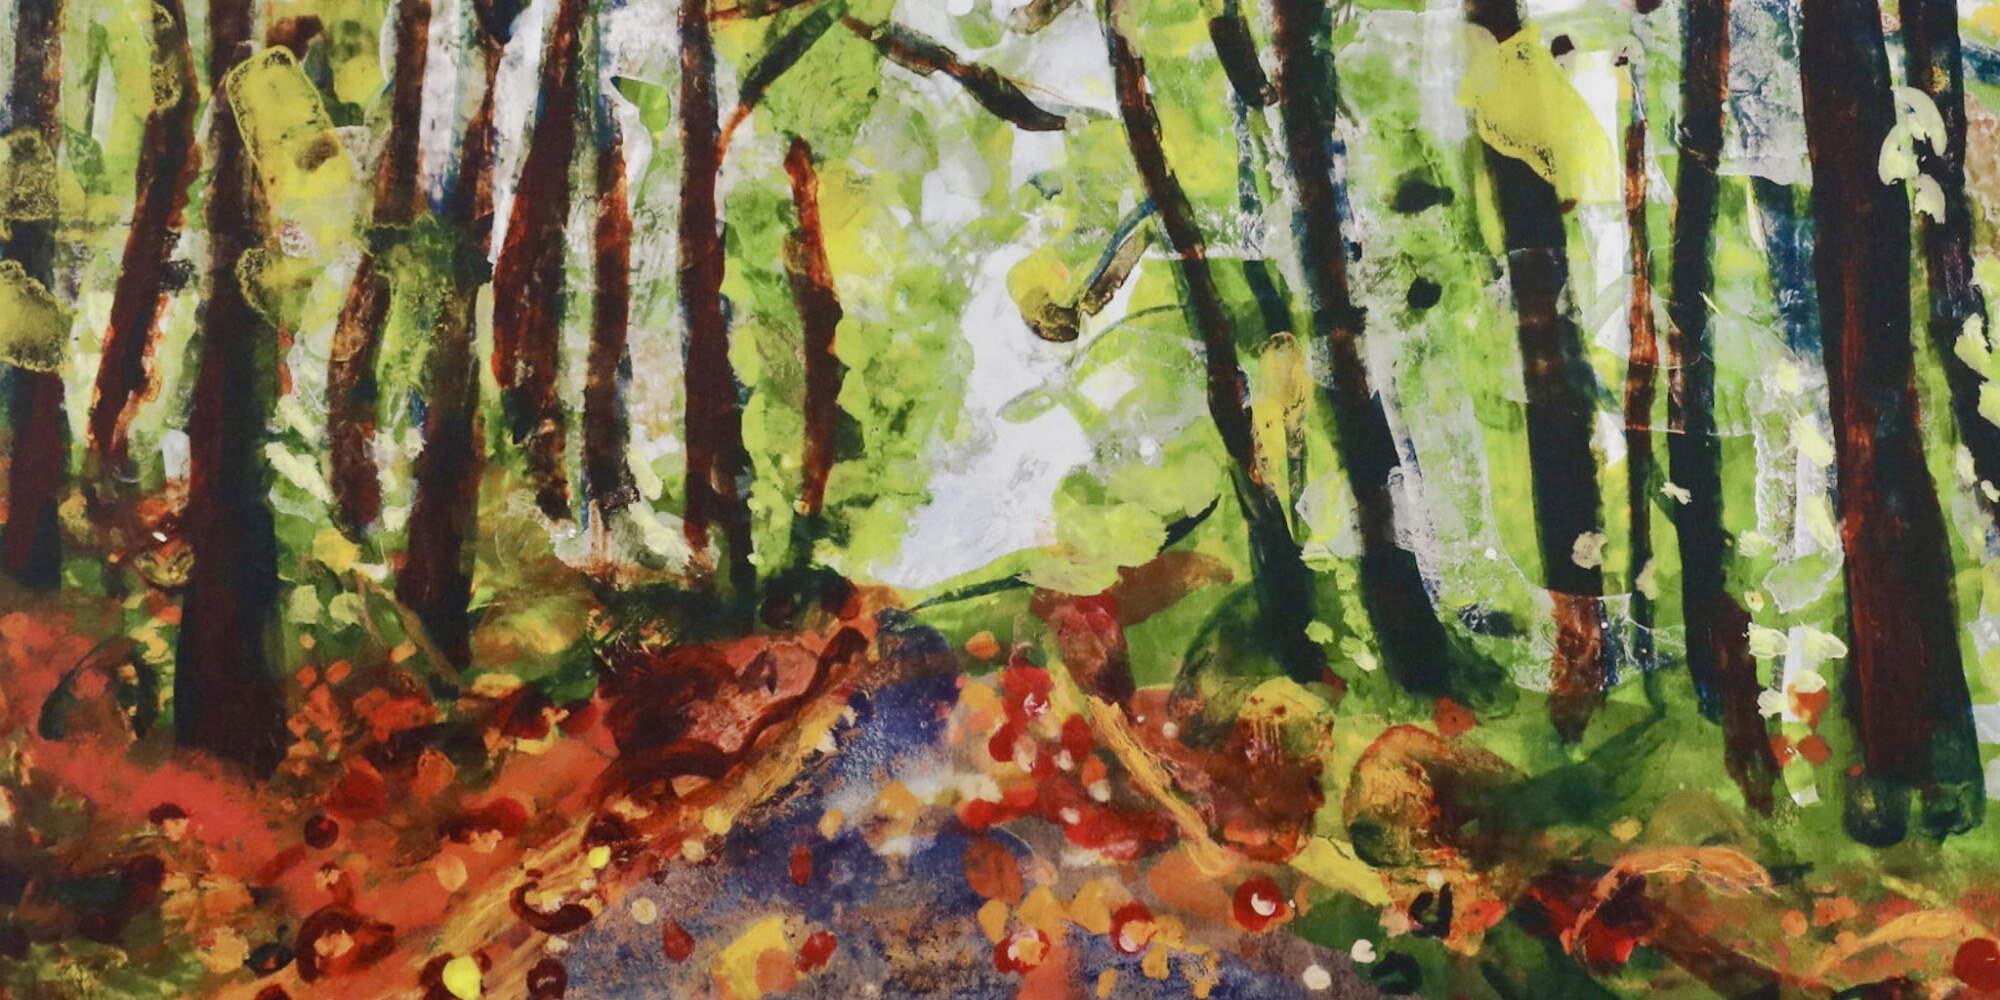 N58A6492 1 2000x1000 - Art in Brixton